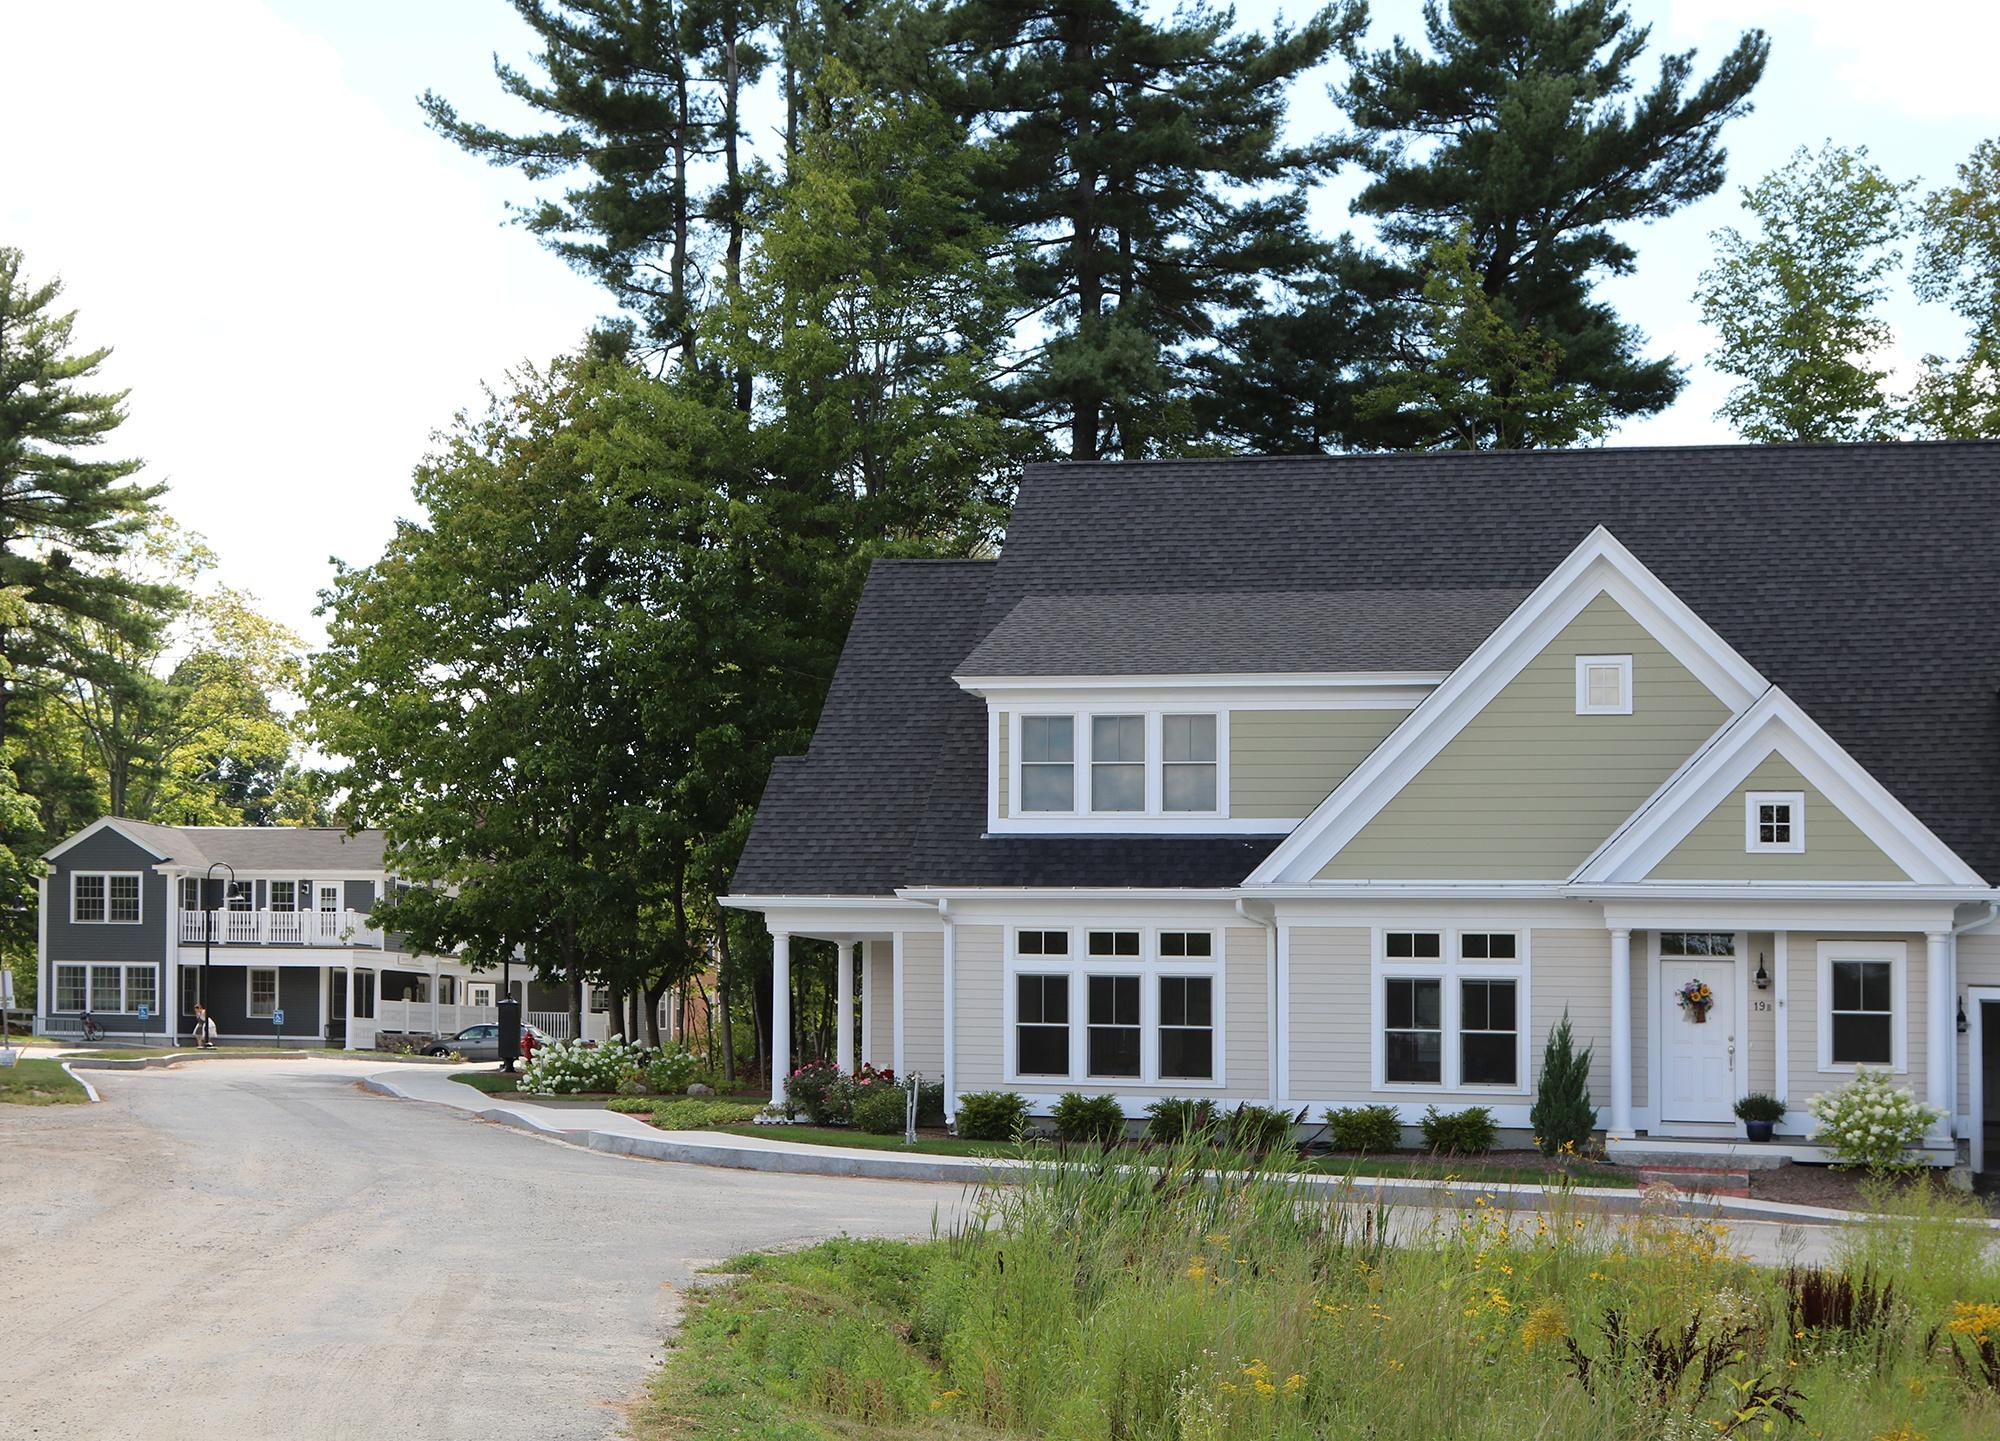 Boynton-Meadows Multifamily Design